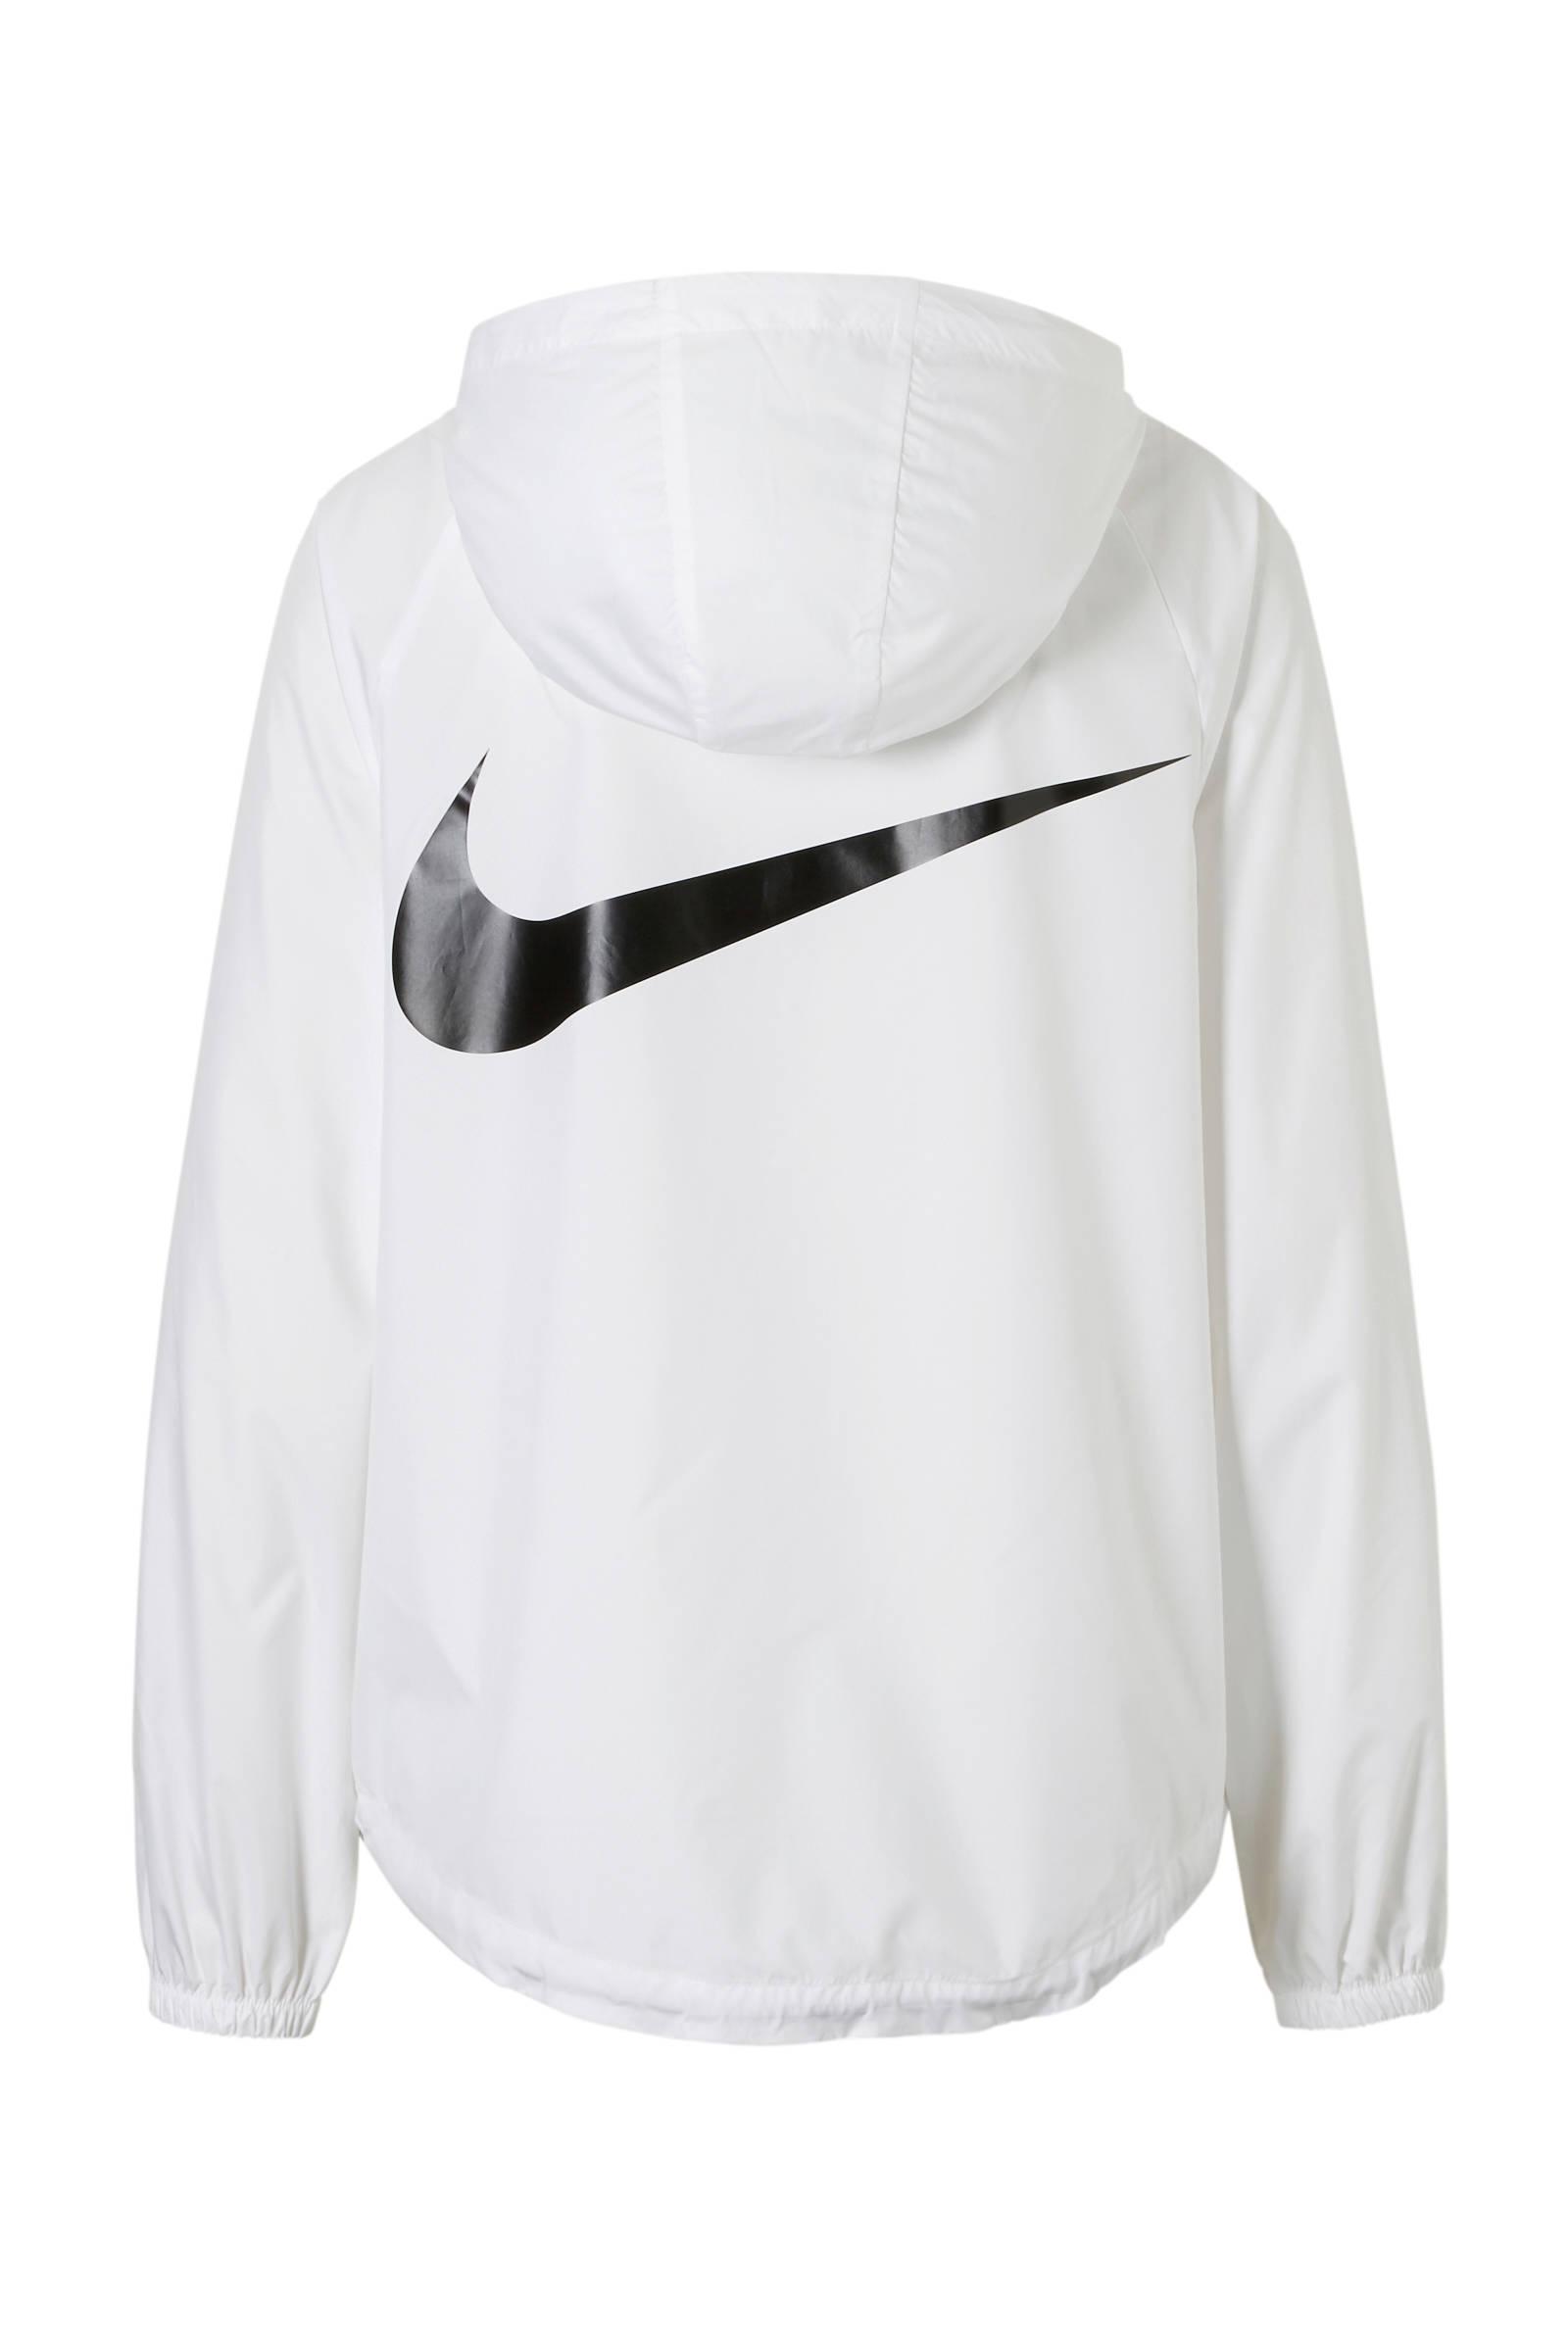 Nike Windrunner W winterjas zwart wit